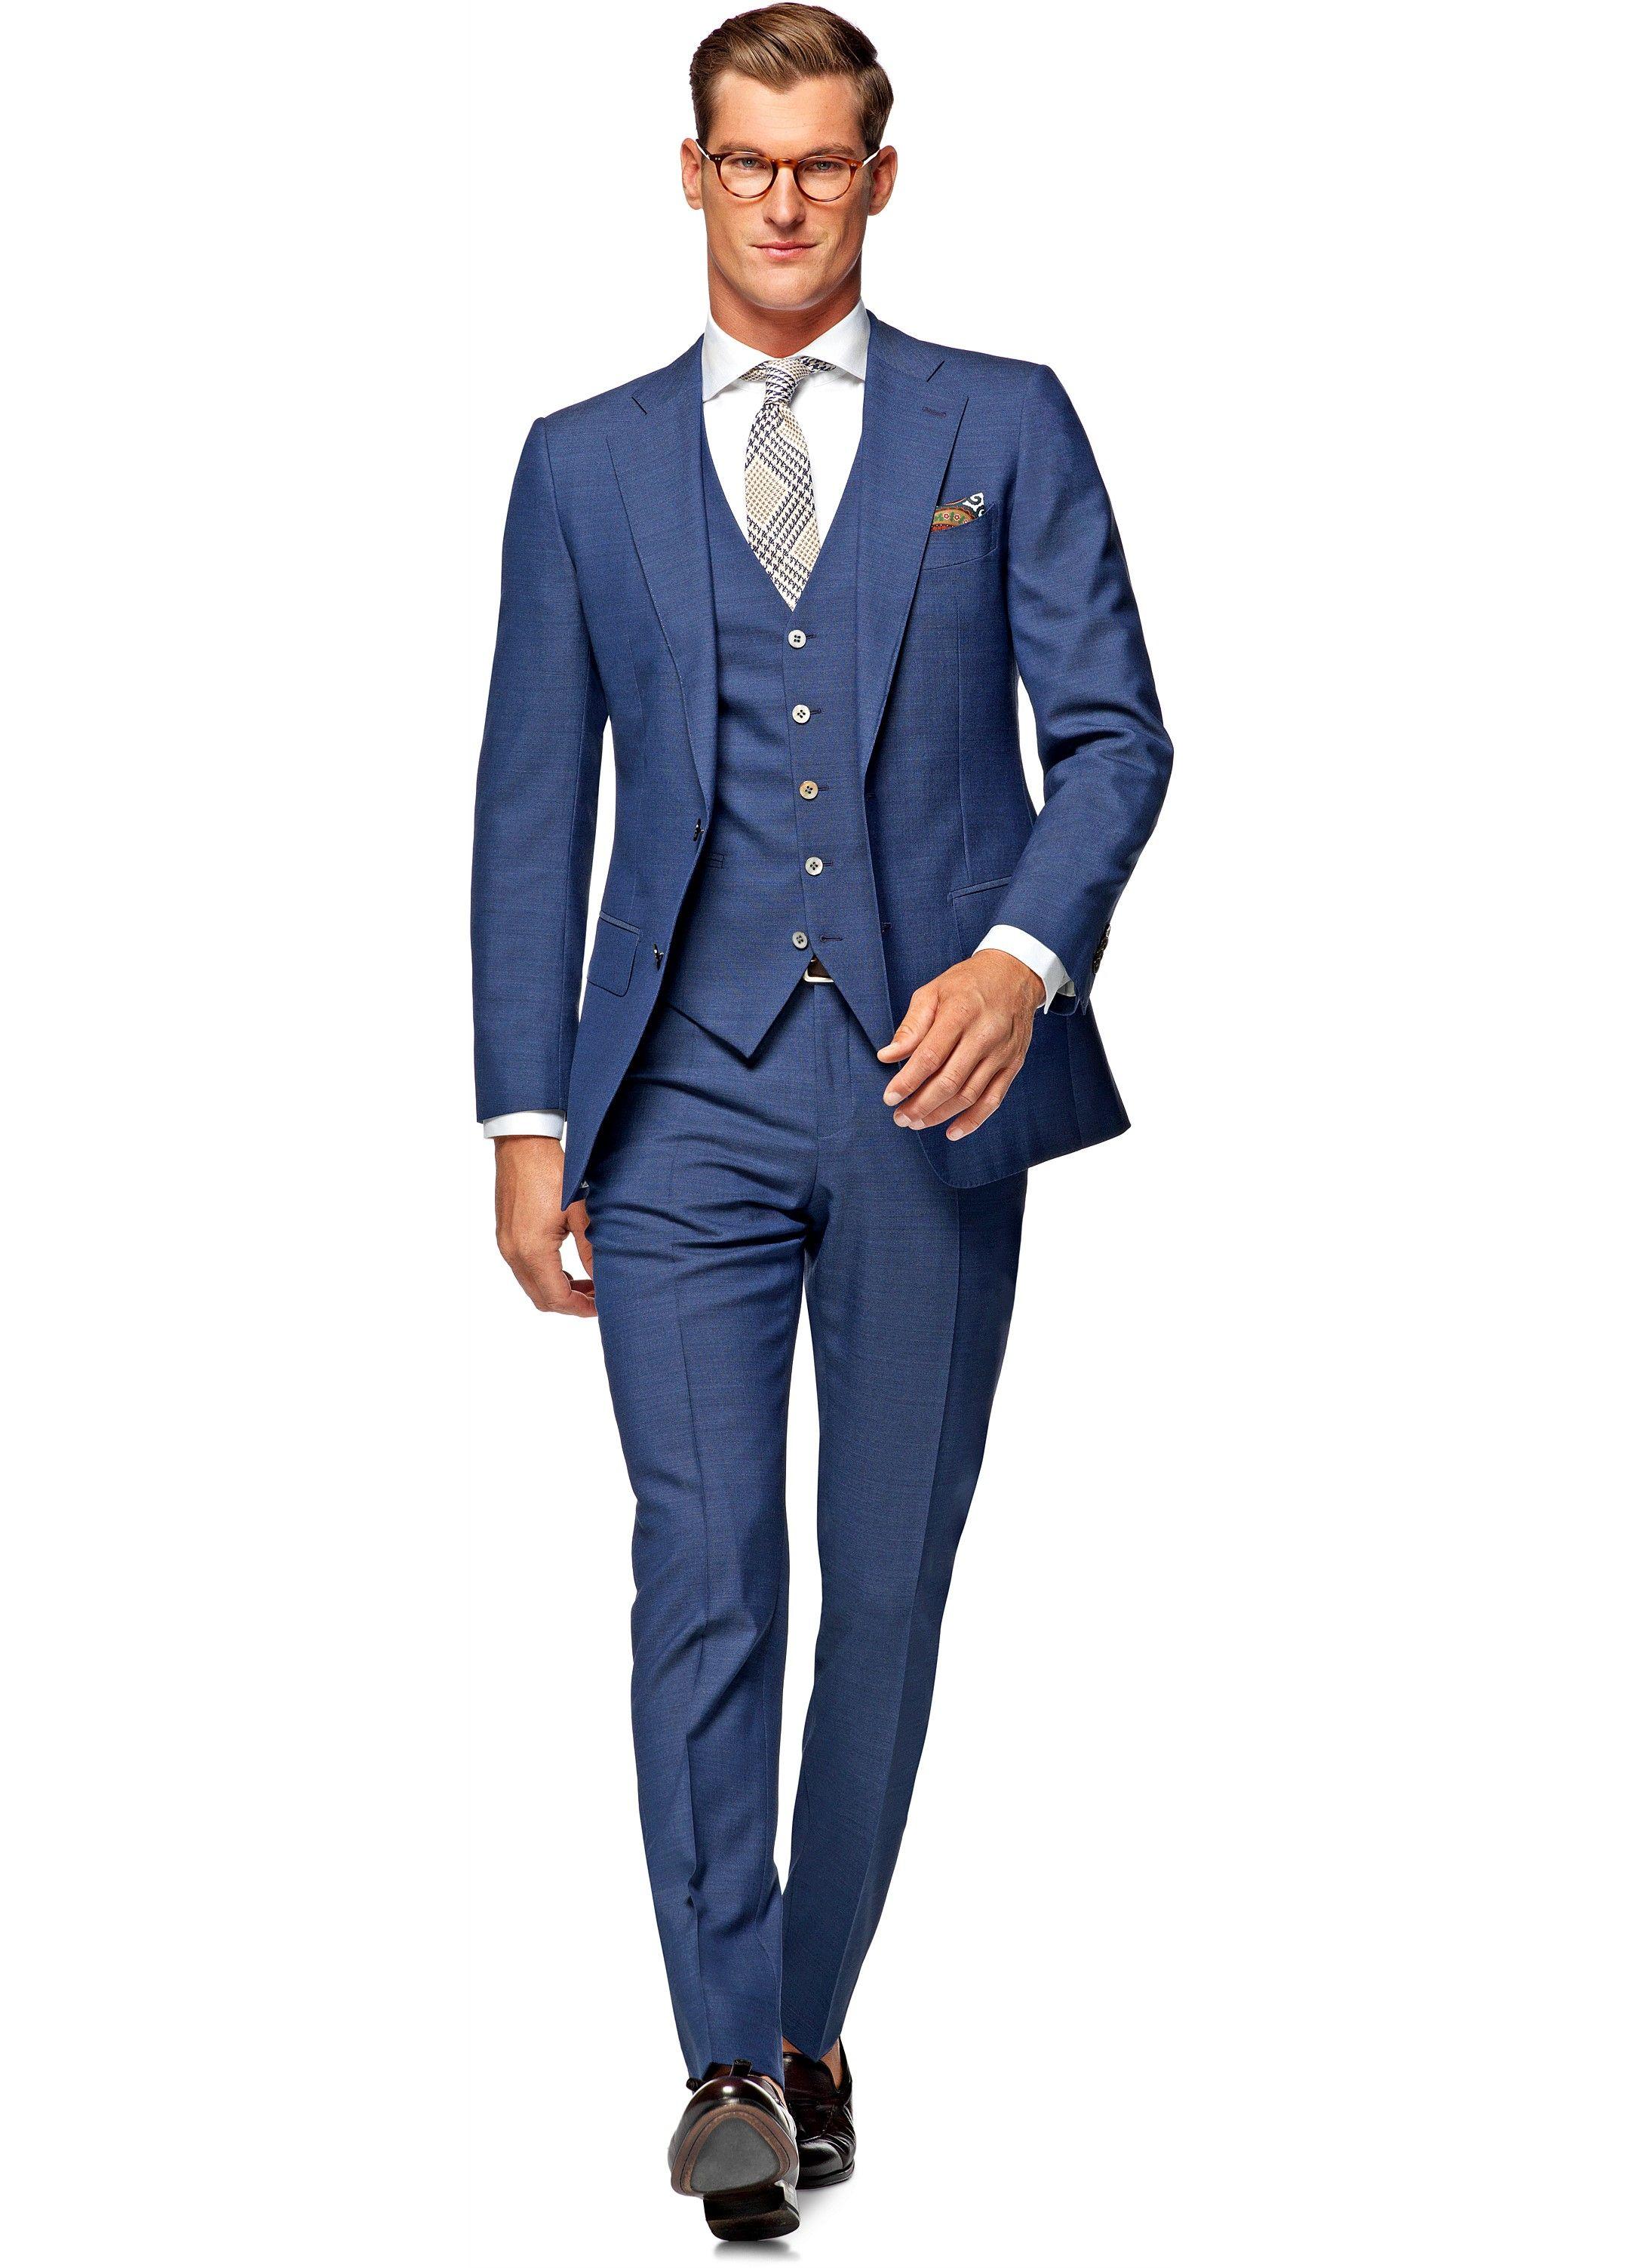 Suit Blue Plain Lazio P4259i Suitsupply Online Store My Style